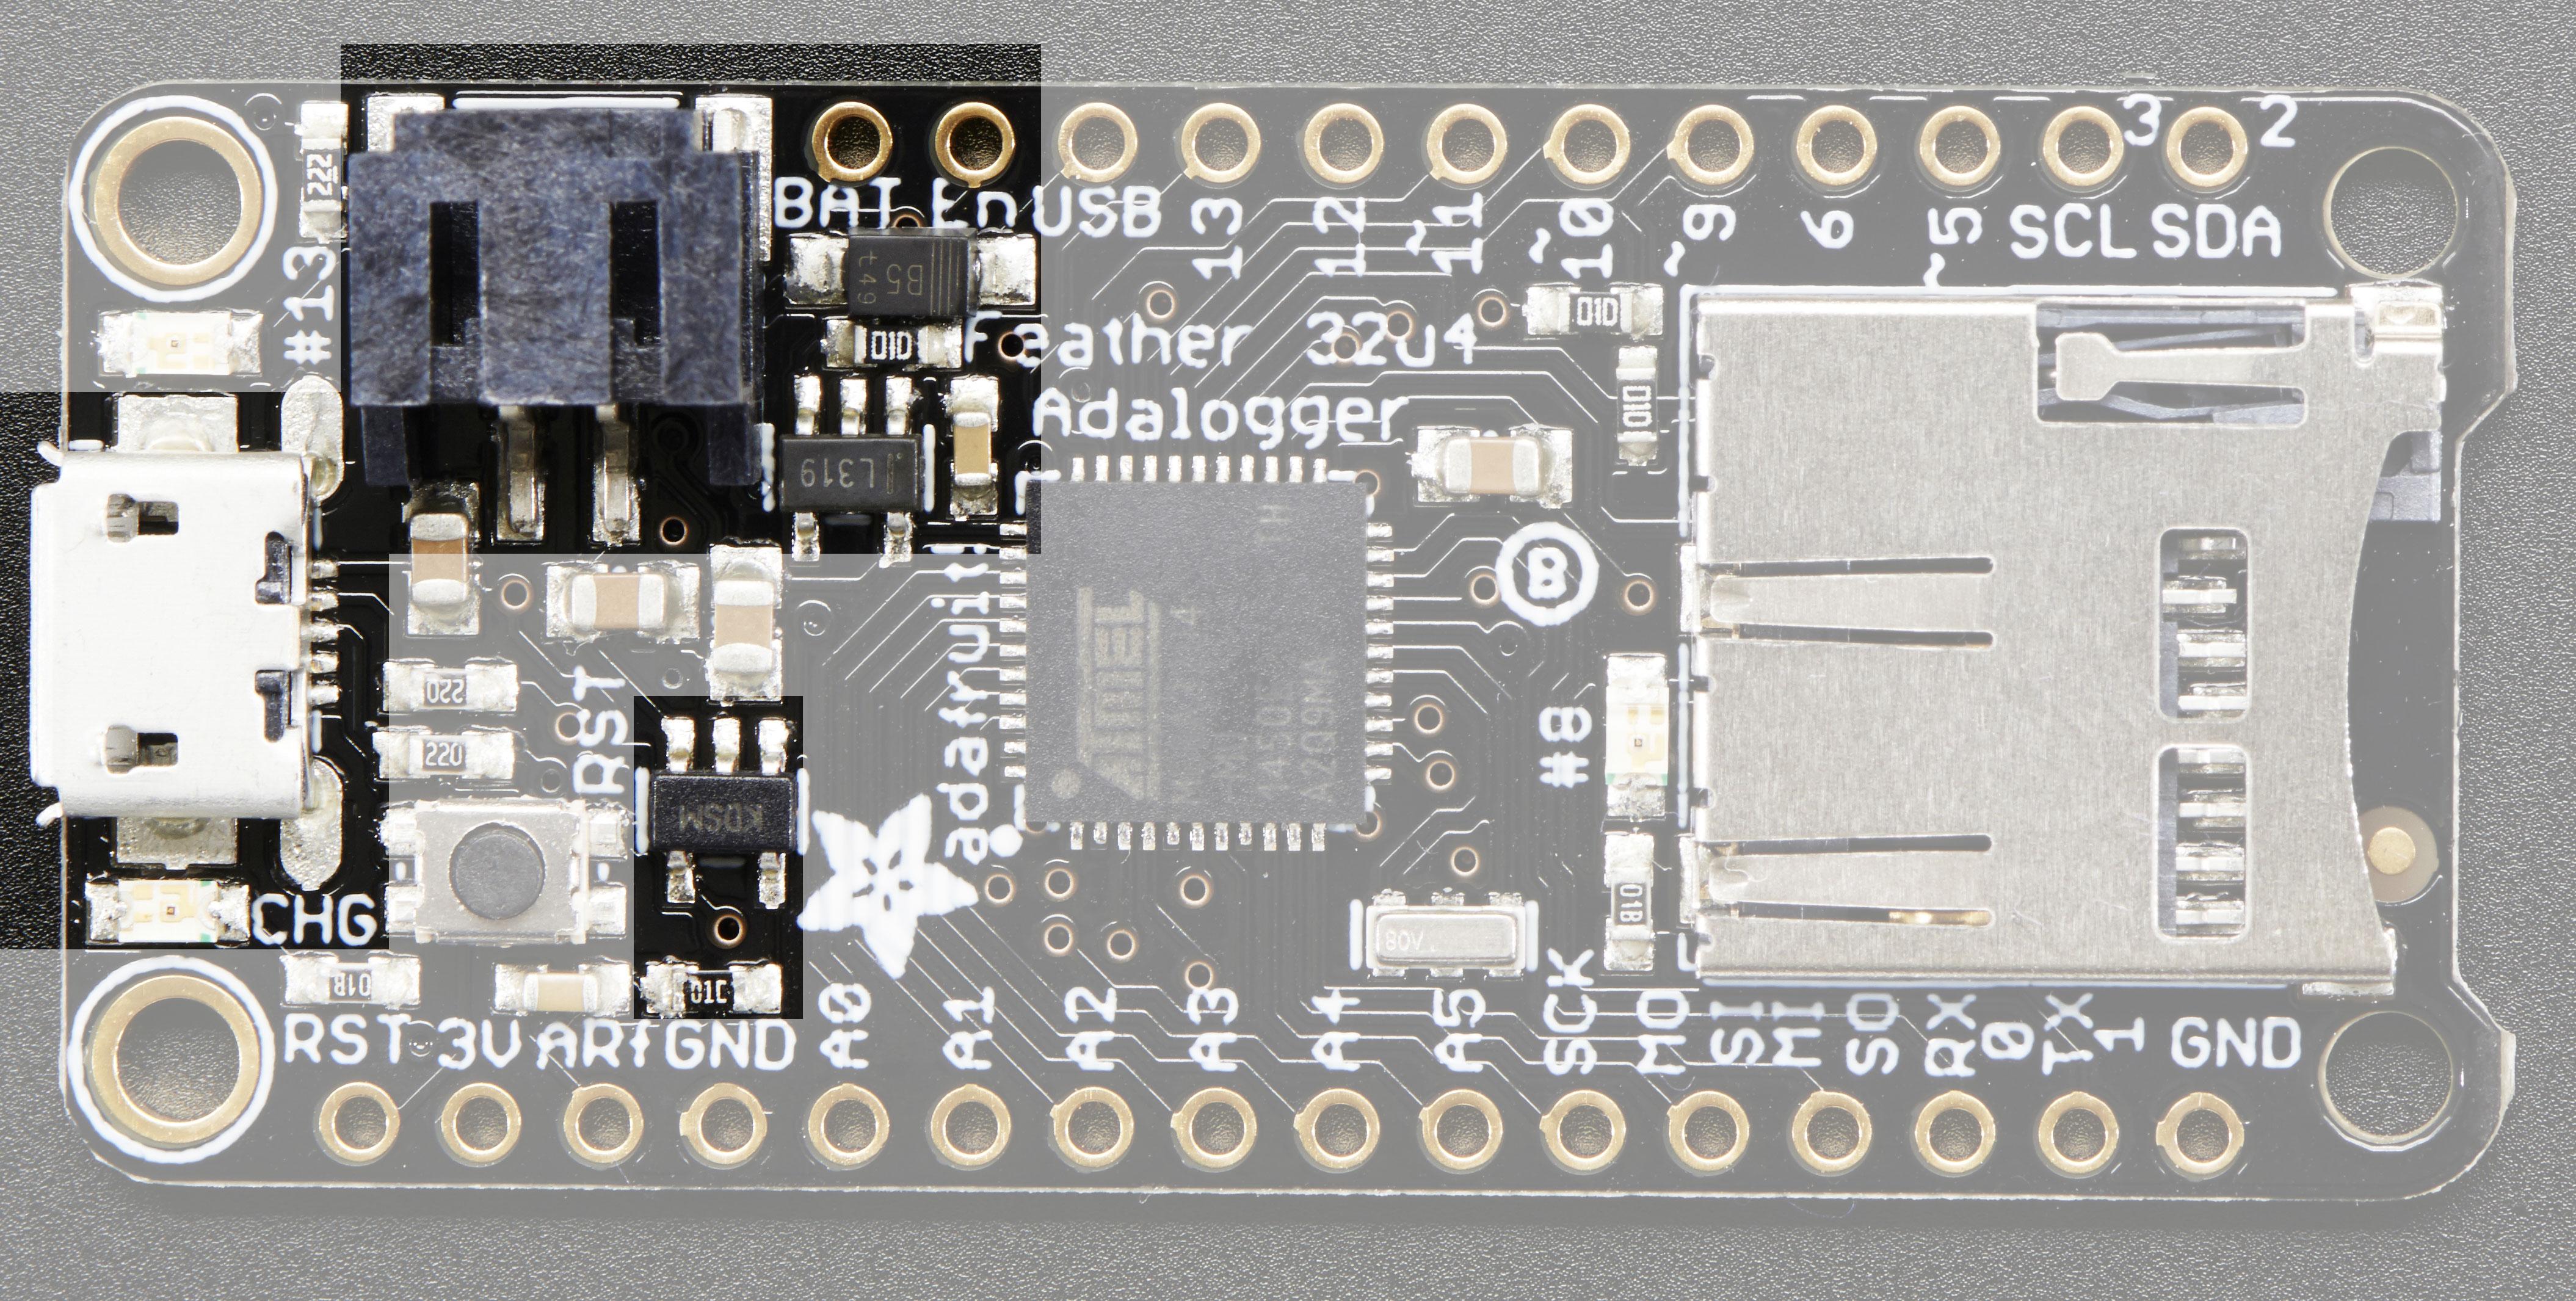 adafruit_products_powermgmt.jpg